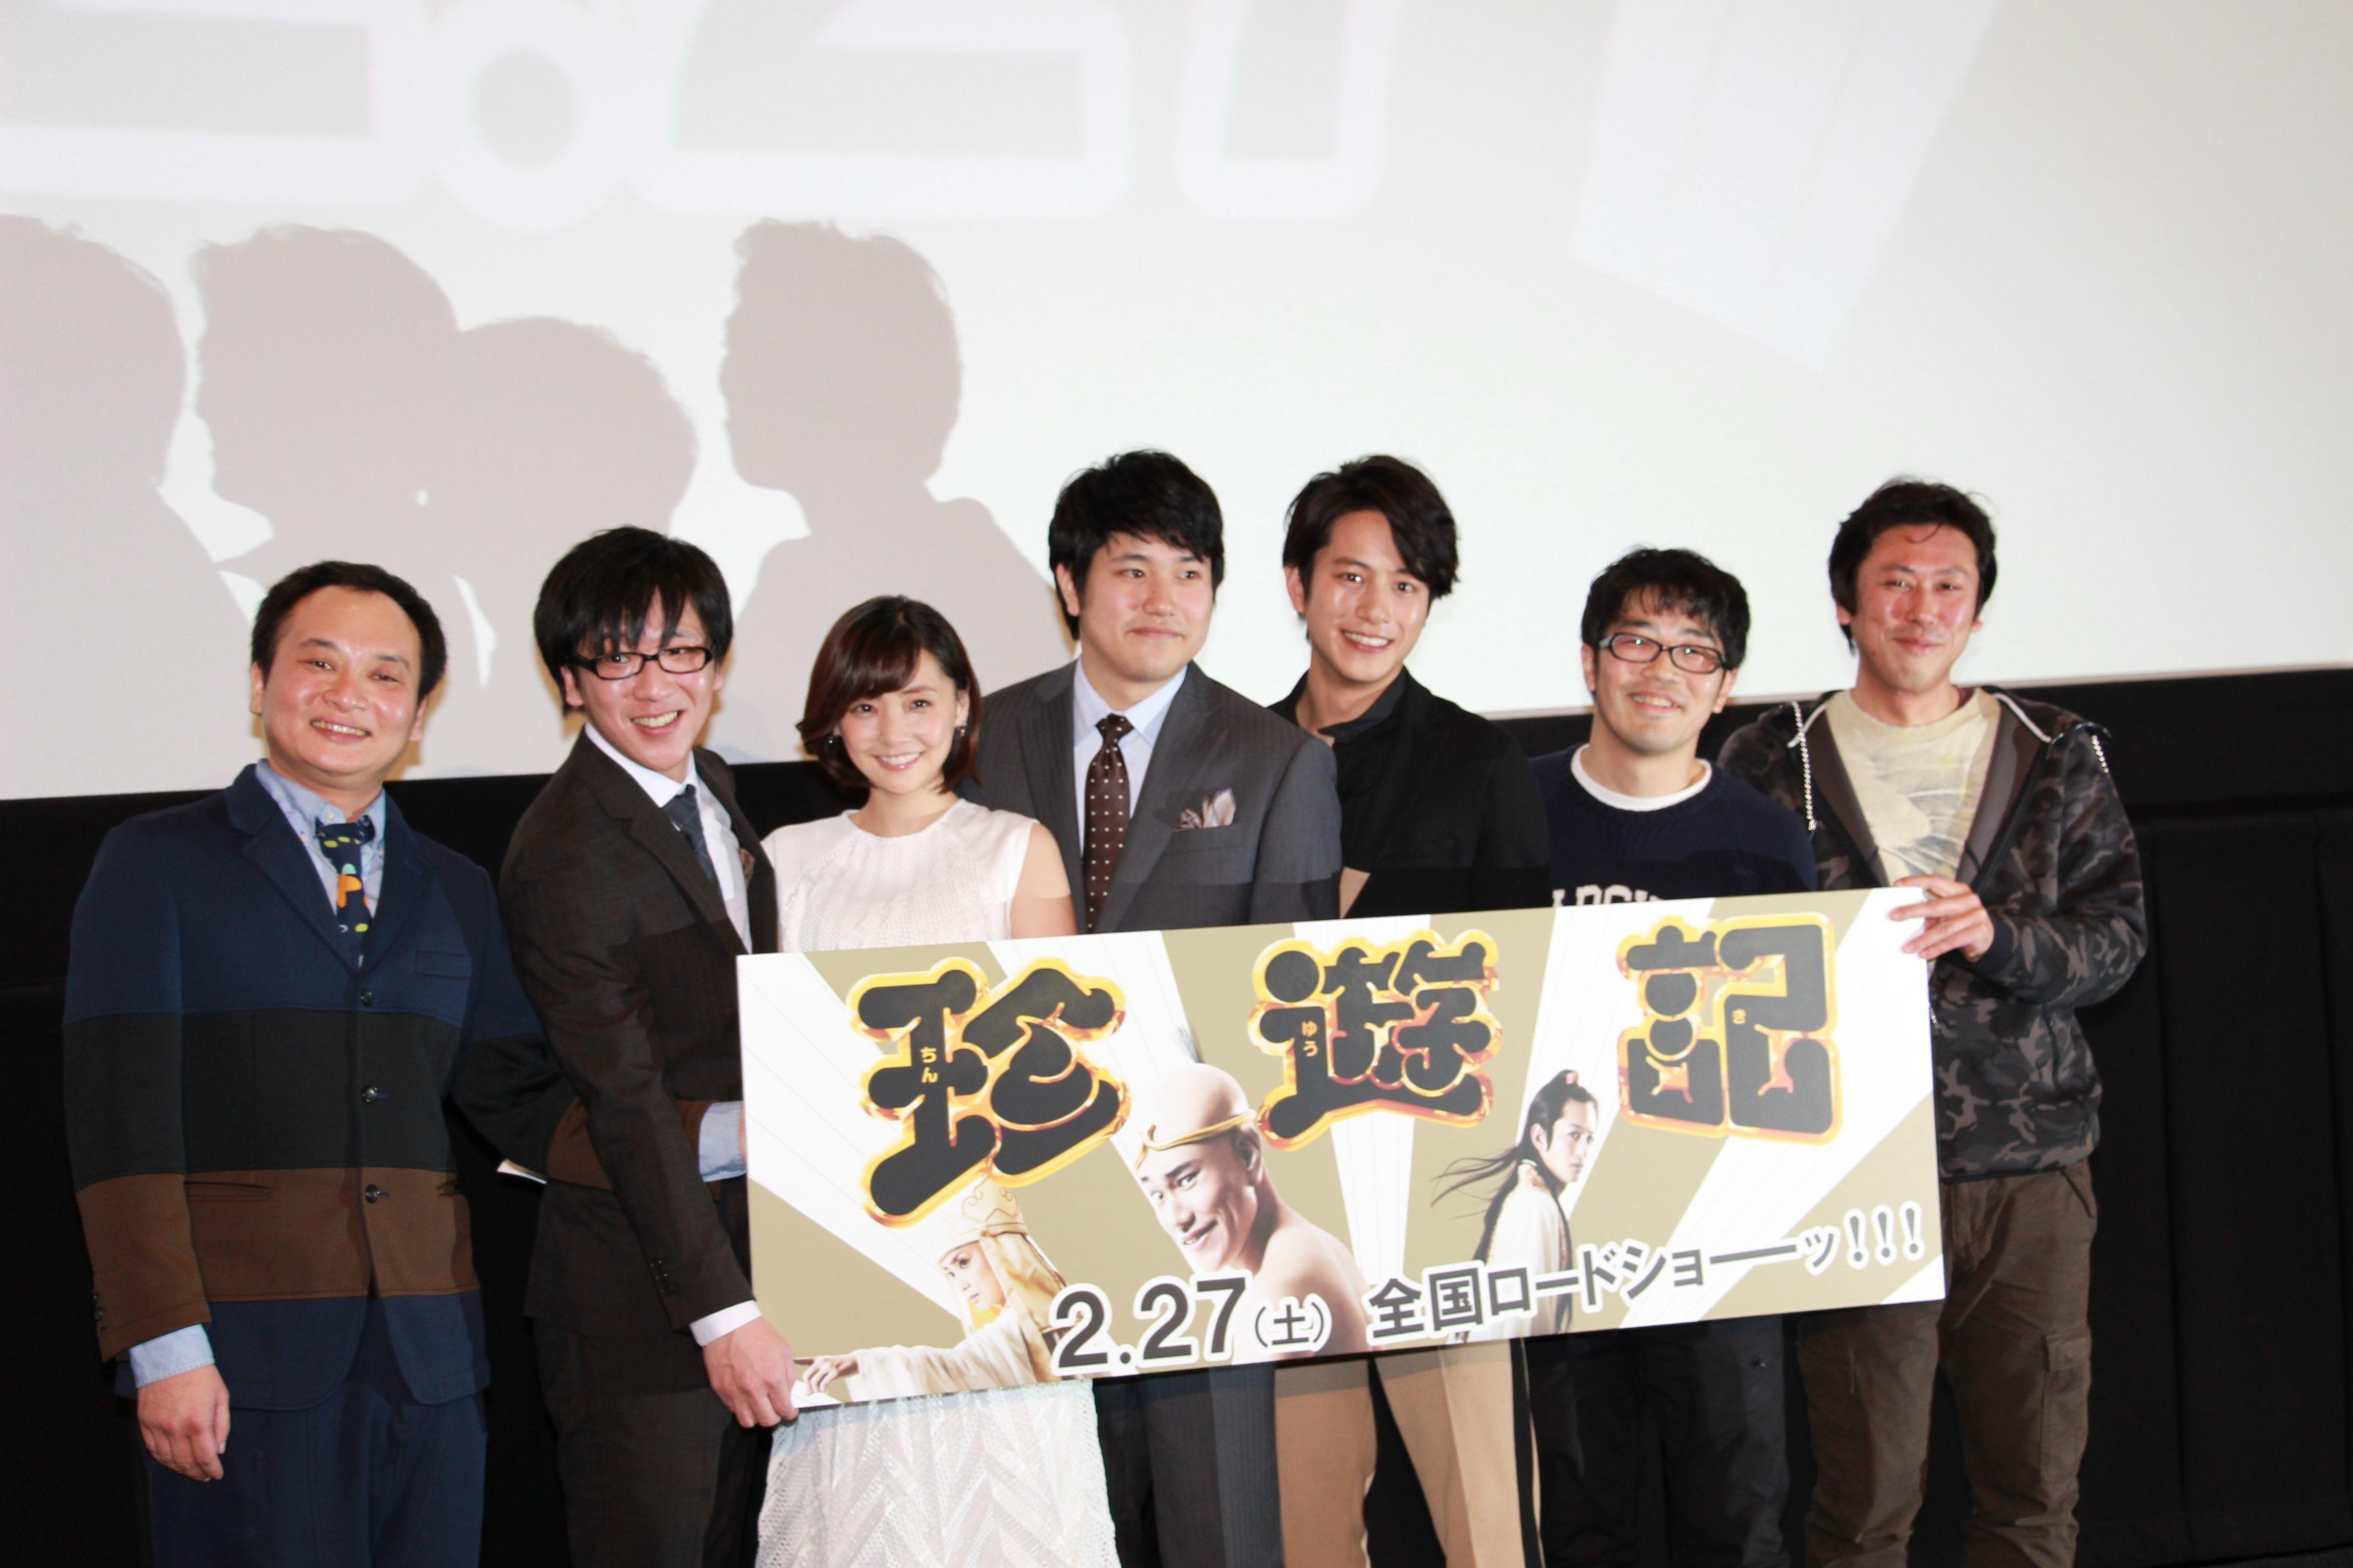 左から、アイアム野田、おおかわら、倉科カナ、松山ケンイチ、溝端淳平、無関係の鈴木拓、山口雄大監督